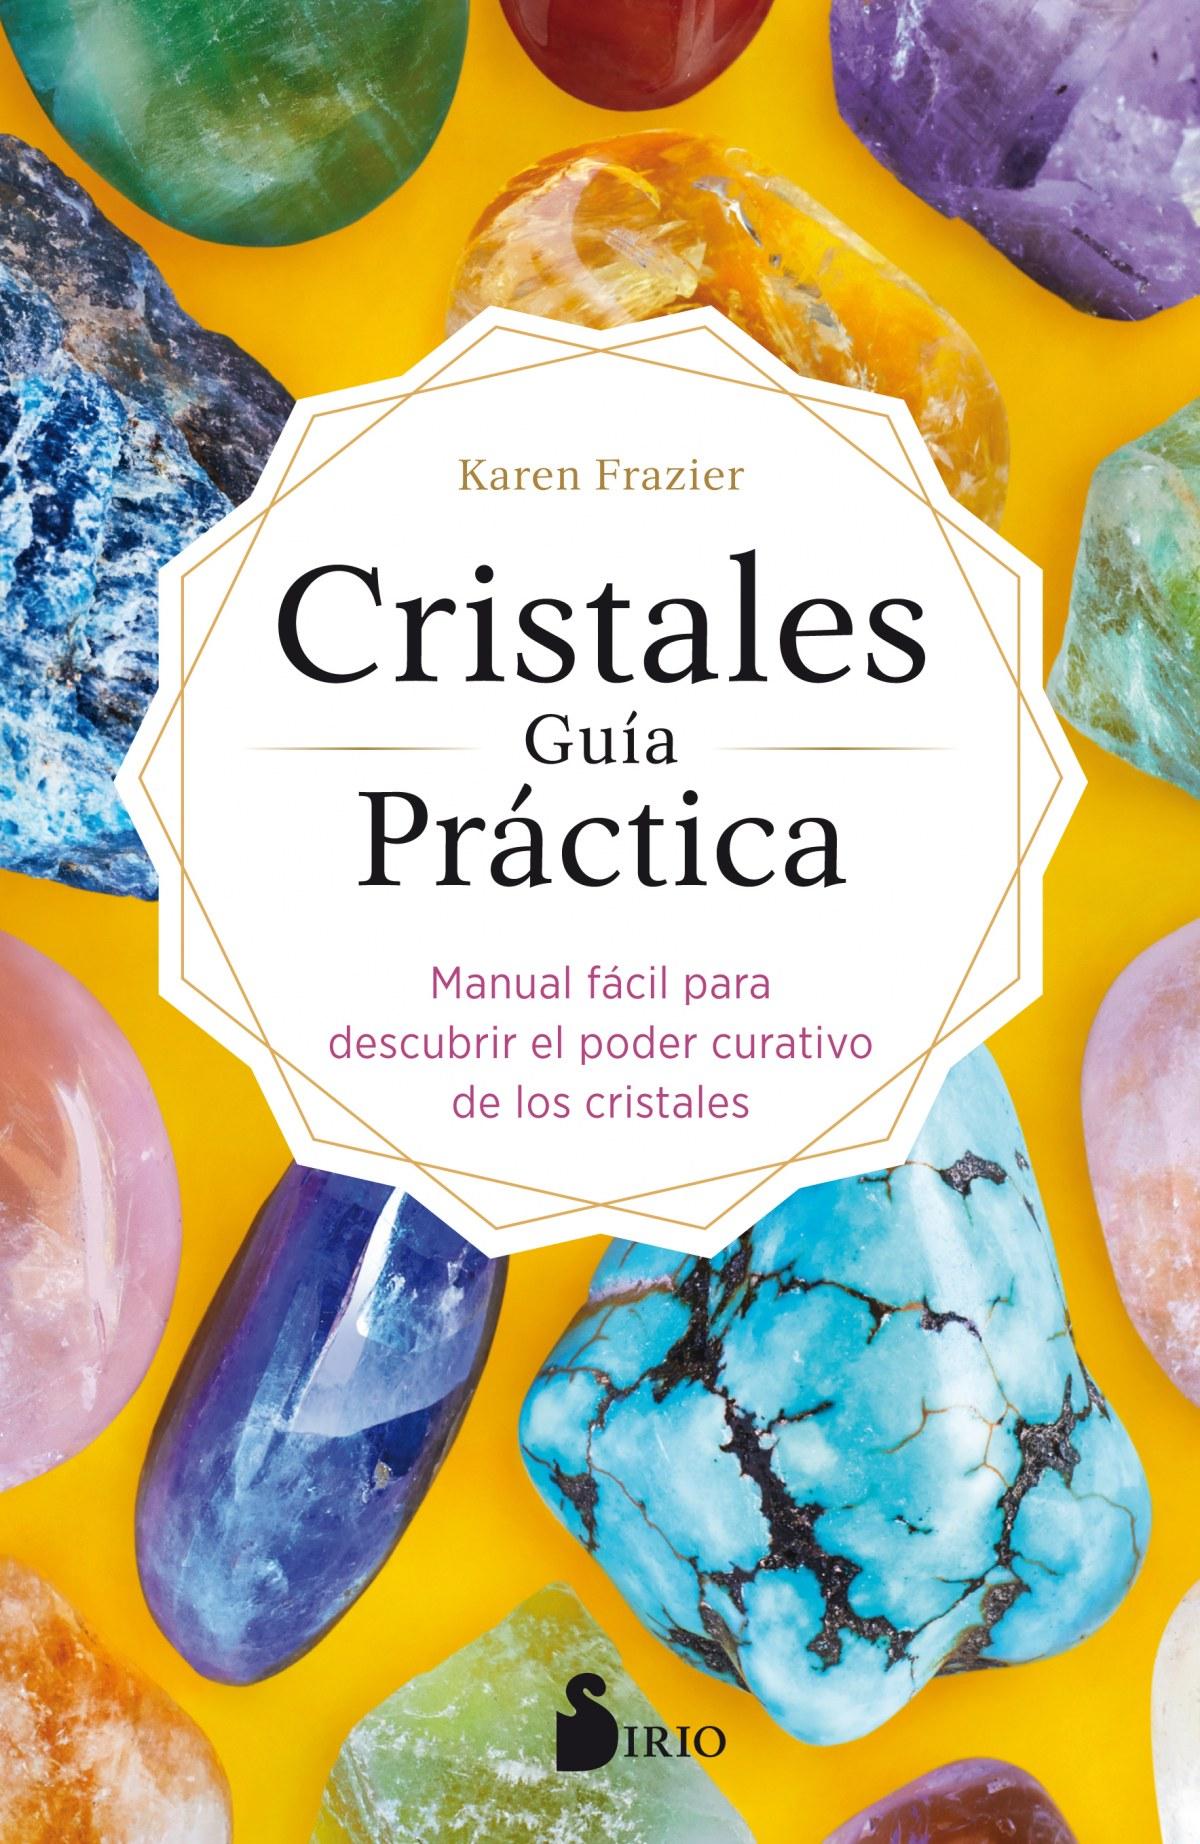 CRISTALES GUÍA PRÁCTICA 9788418000430